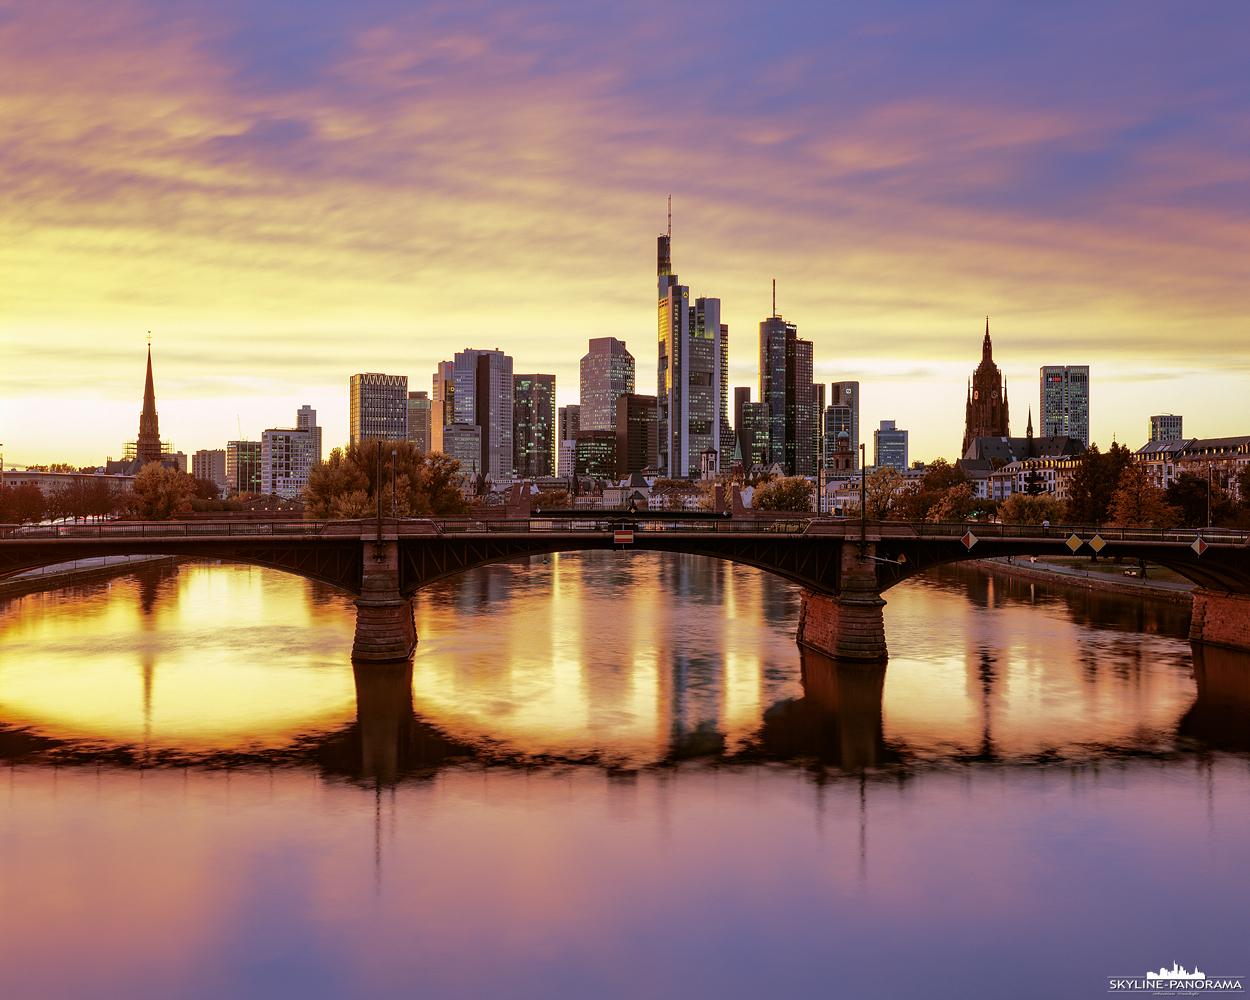 """Die goldene Skyline von Frankfurt am Main zum Sonnenuntergang als hochauflösendes 4x5"""" Großformat. Das Bild zeigt den Blick auf die Mainmetropole von der Flößerbrücke aus, dies ist einer der bekanntesten und besten Standorte für ein Foto der Frankfurter Skyline."""